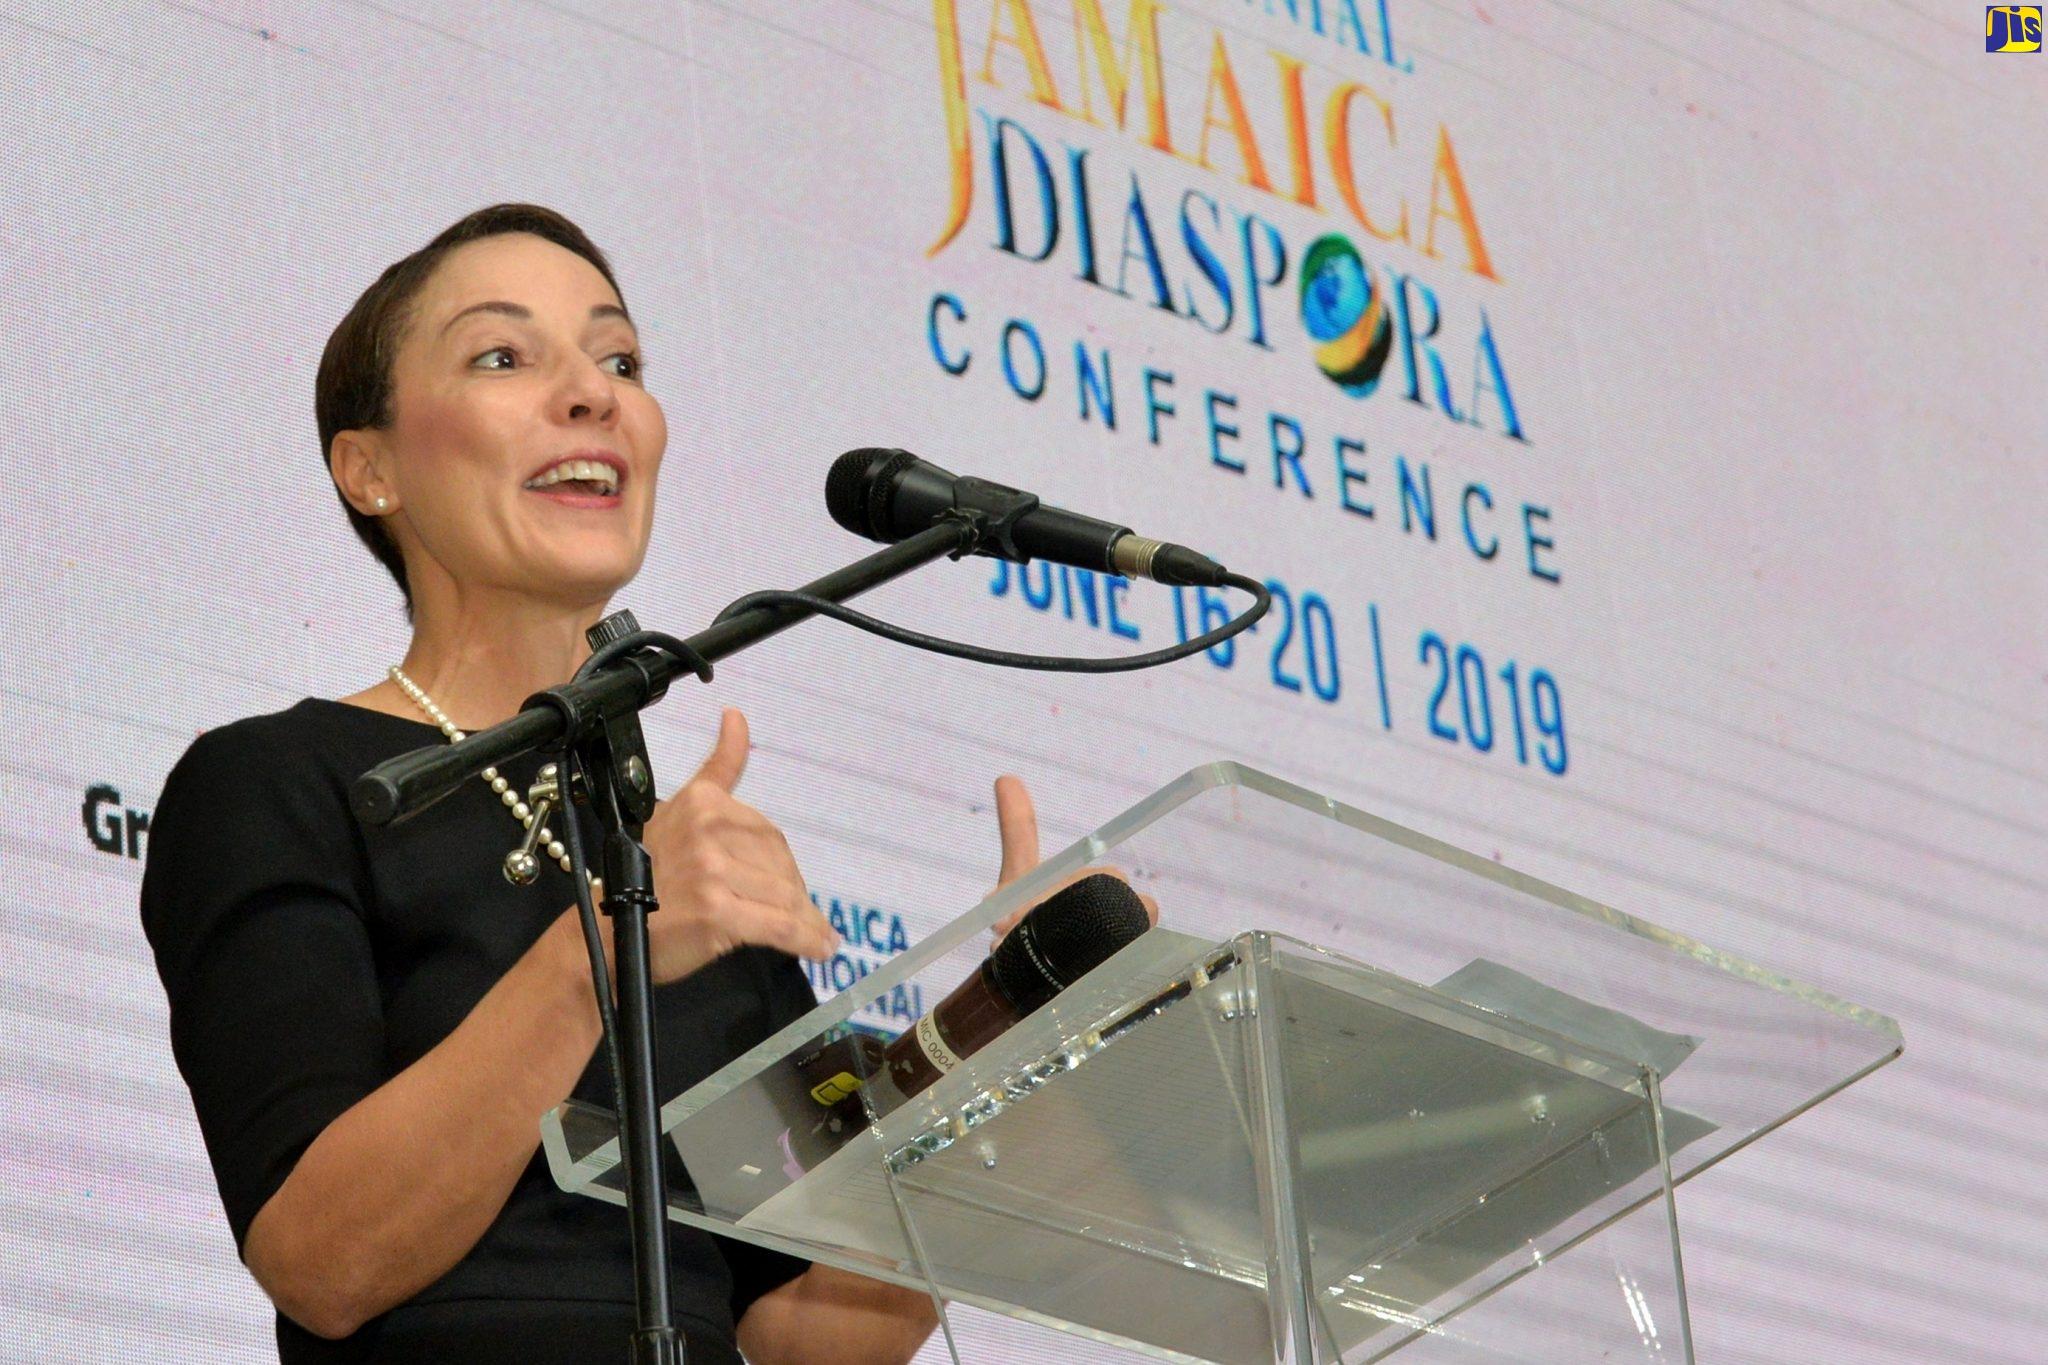 Jamaica diaspora conference